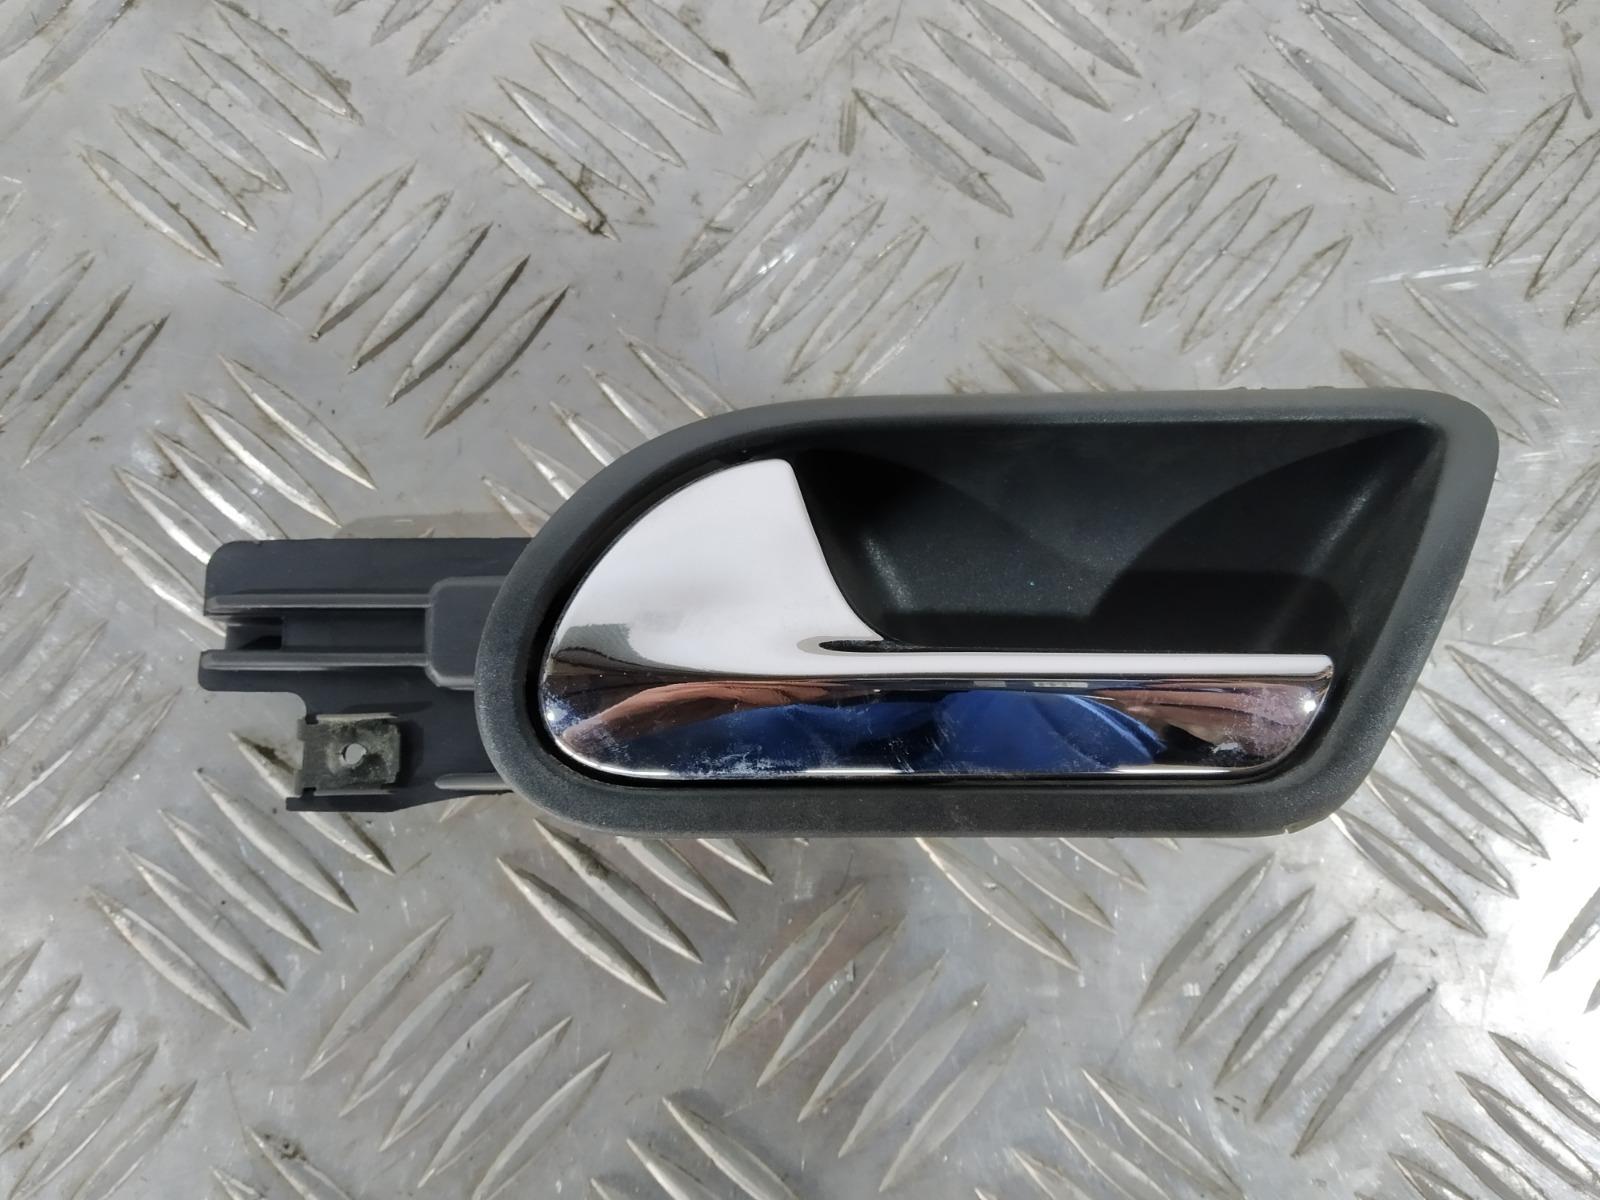 Ручка внутренняя задняя левая Volkswagen Golf 5 1.6 FSI 2006 (б/у)